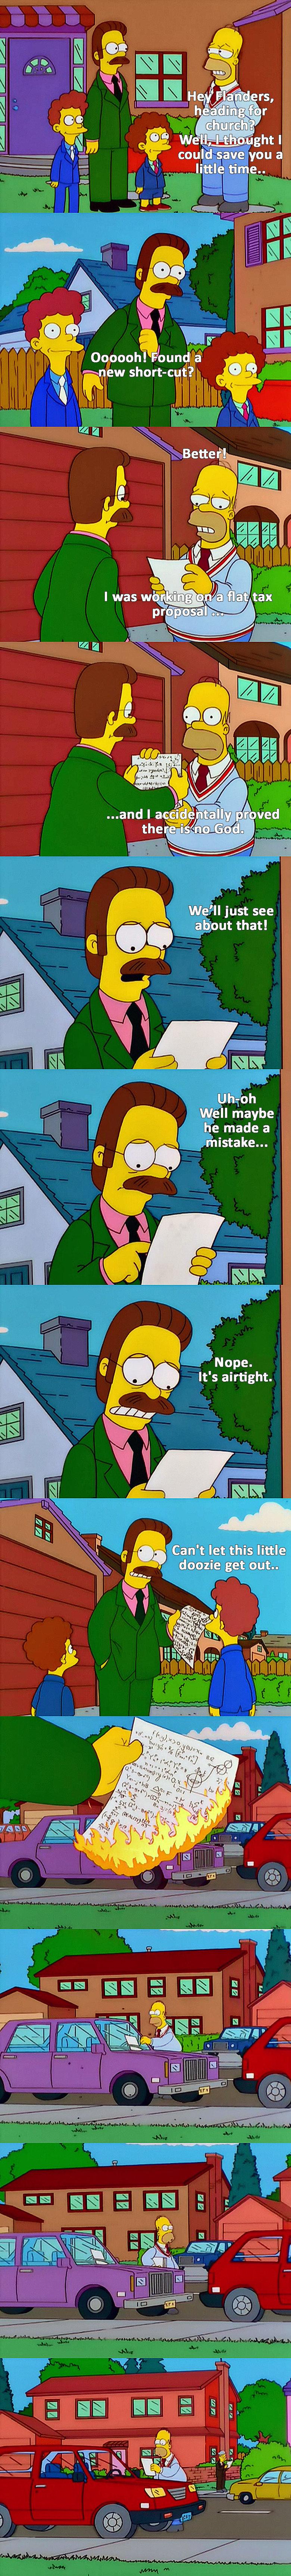 Homer destroys God. .